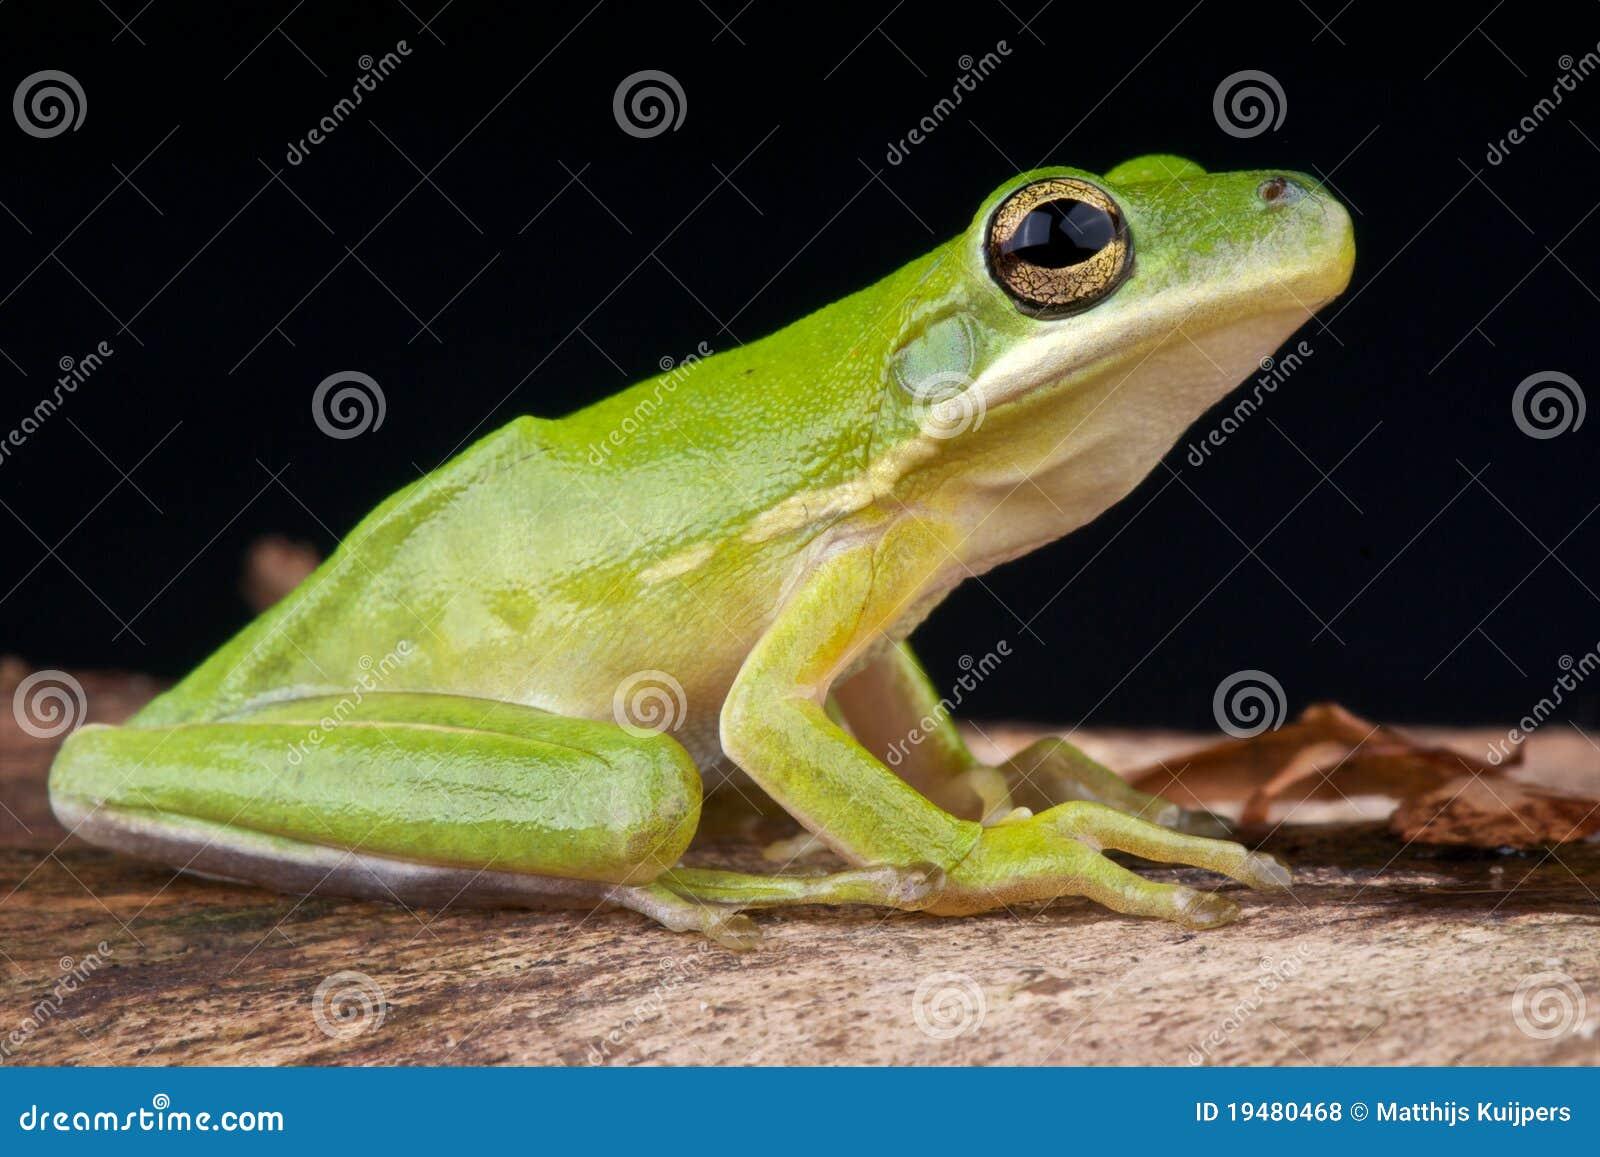 Amerikaanse groene boomkikker